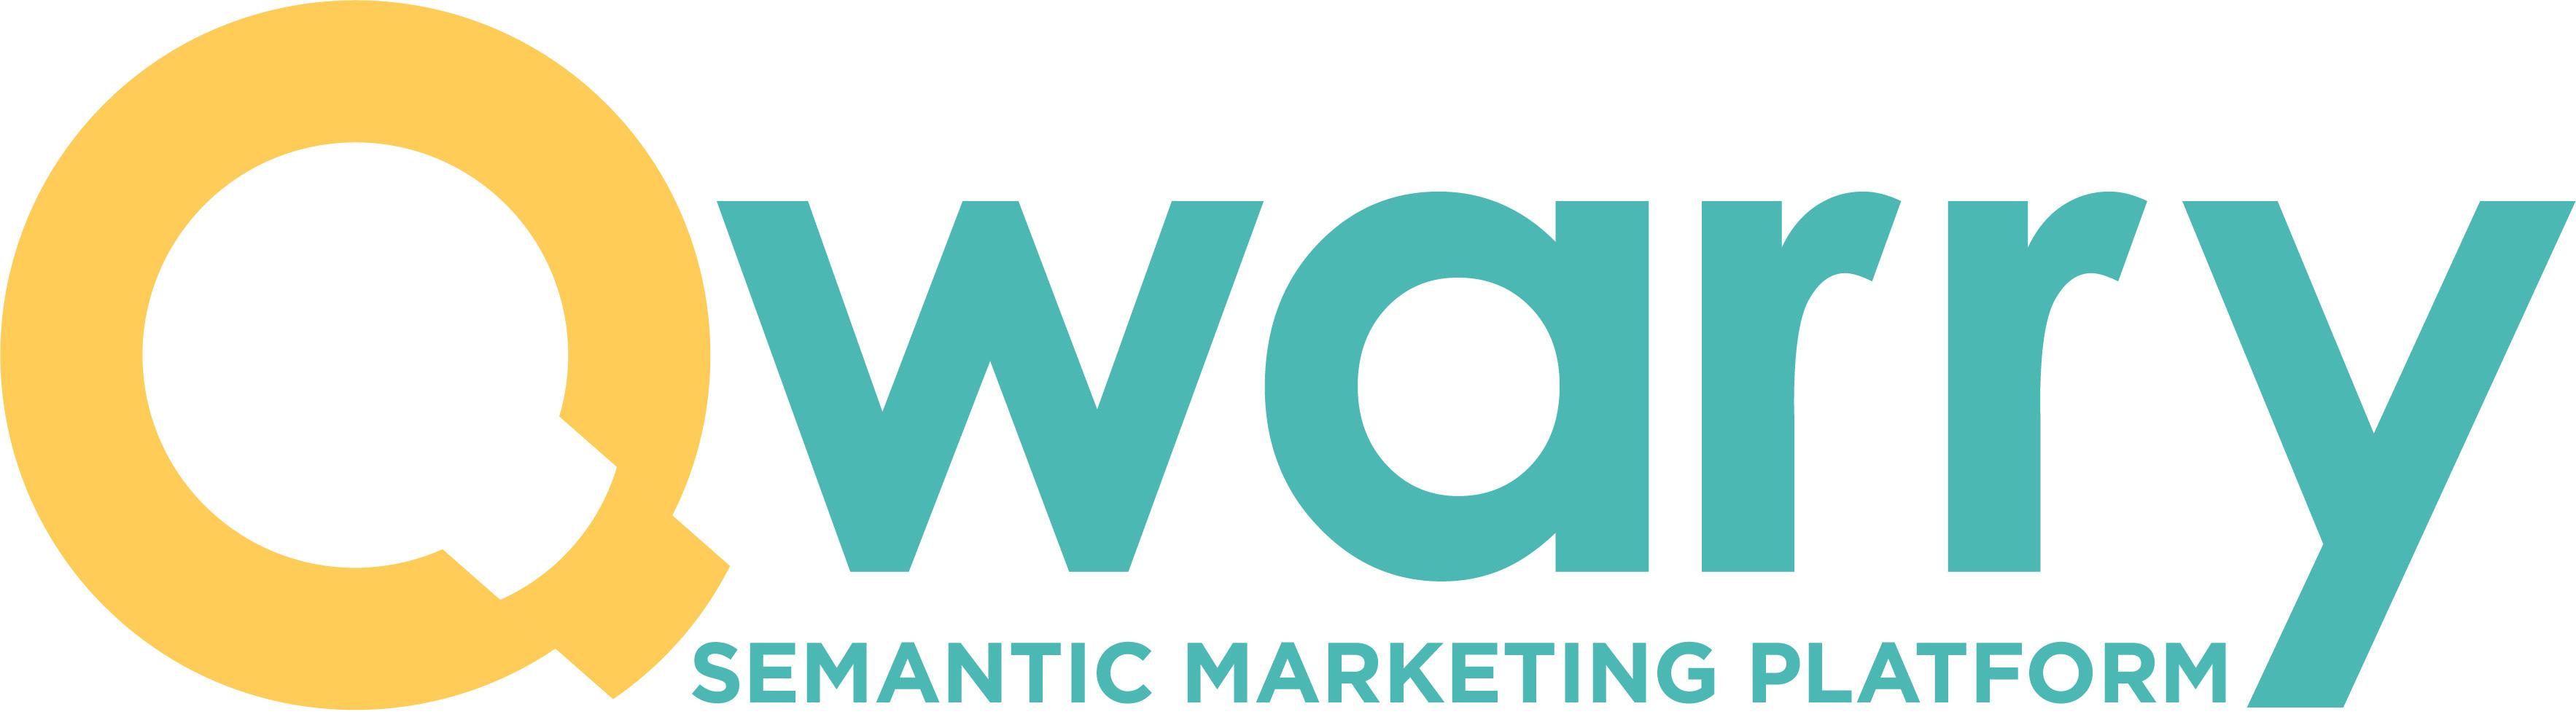 Logo Qwarry